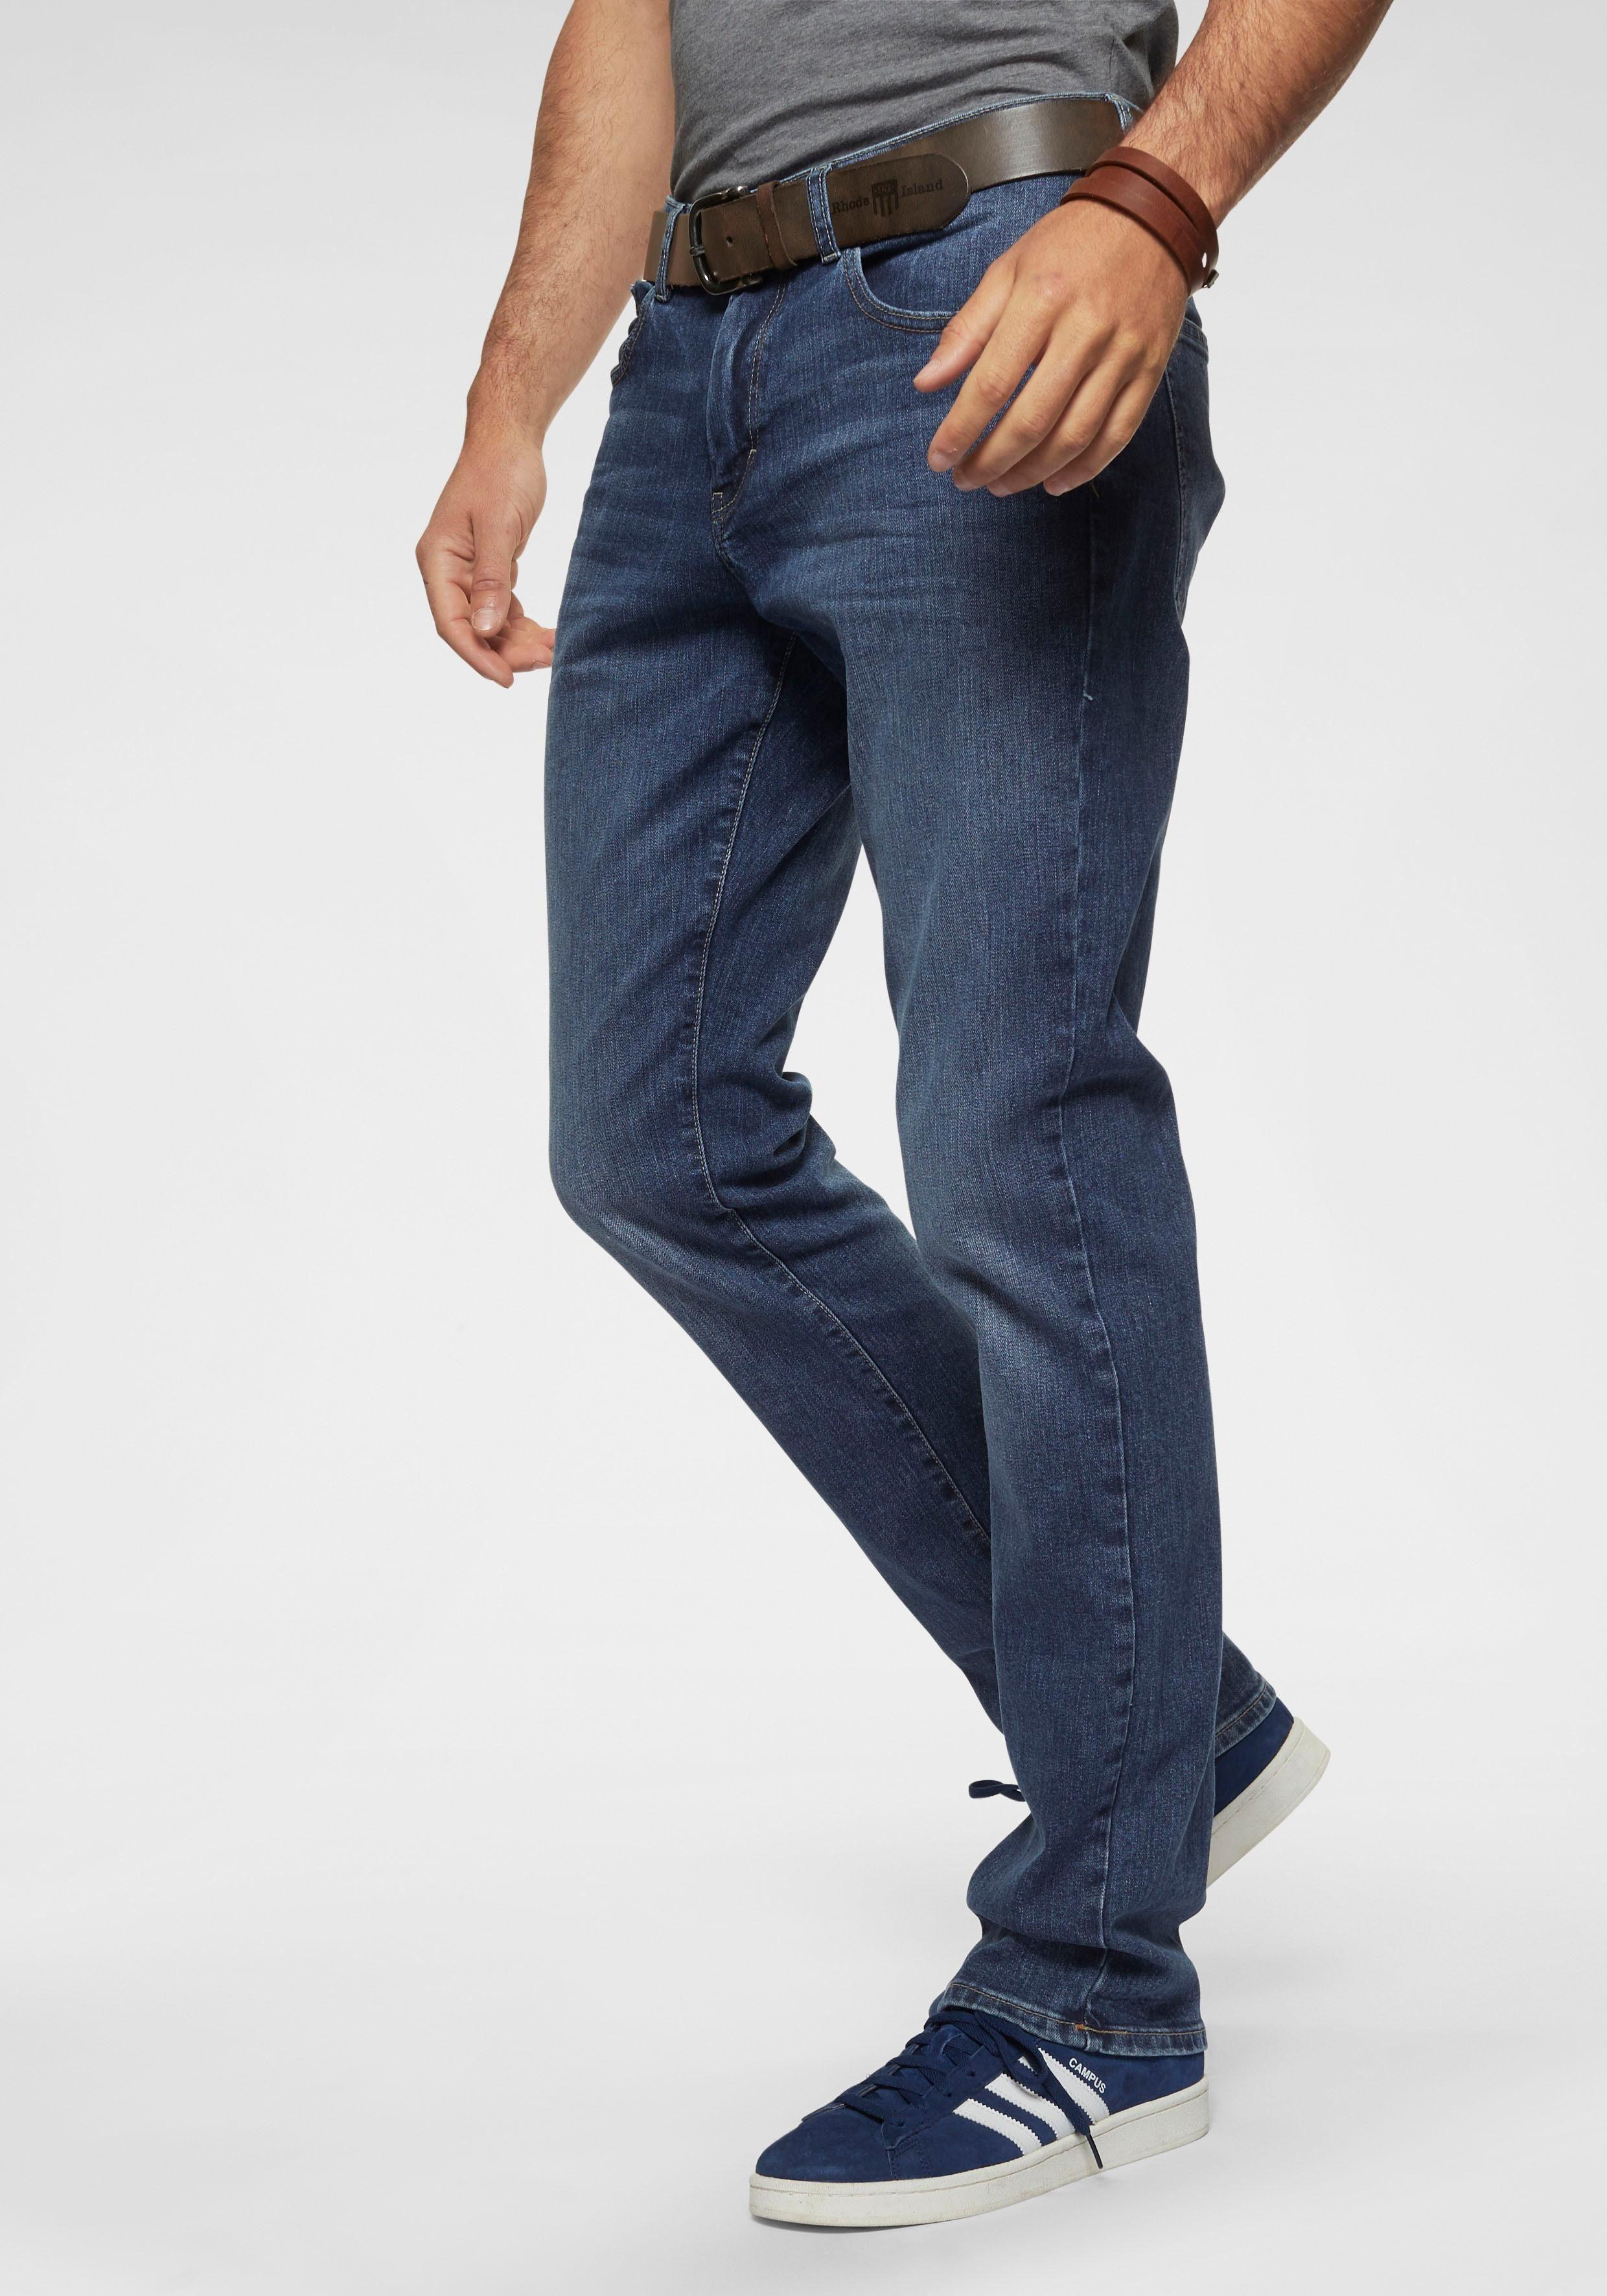 TOM TAILOR 5 Pocket Jeans »JOSH«, Aus Denim mit Stretchanteil online kaufen | OTTO